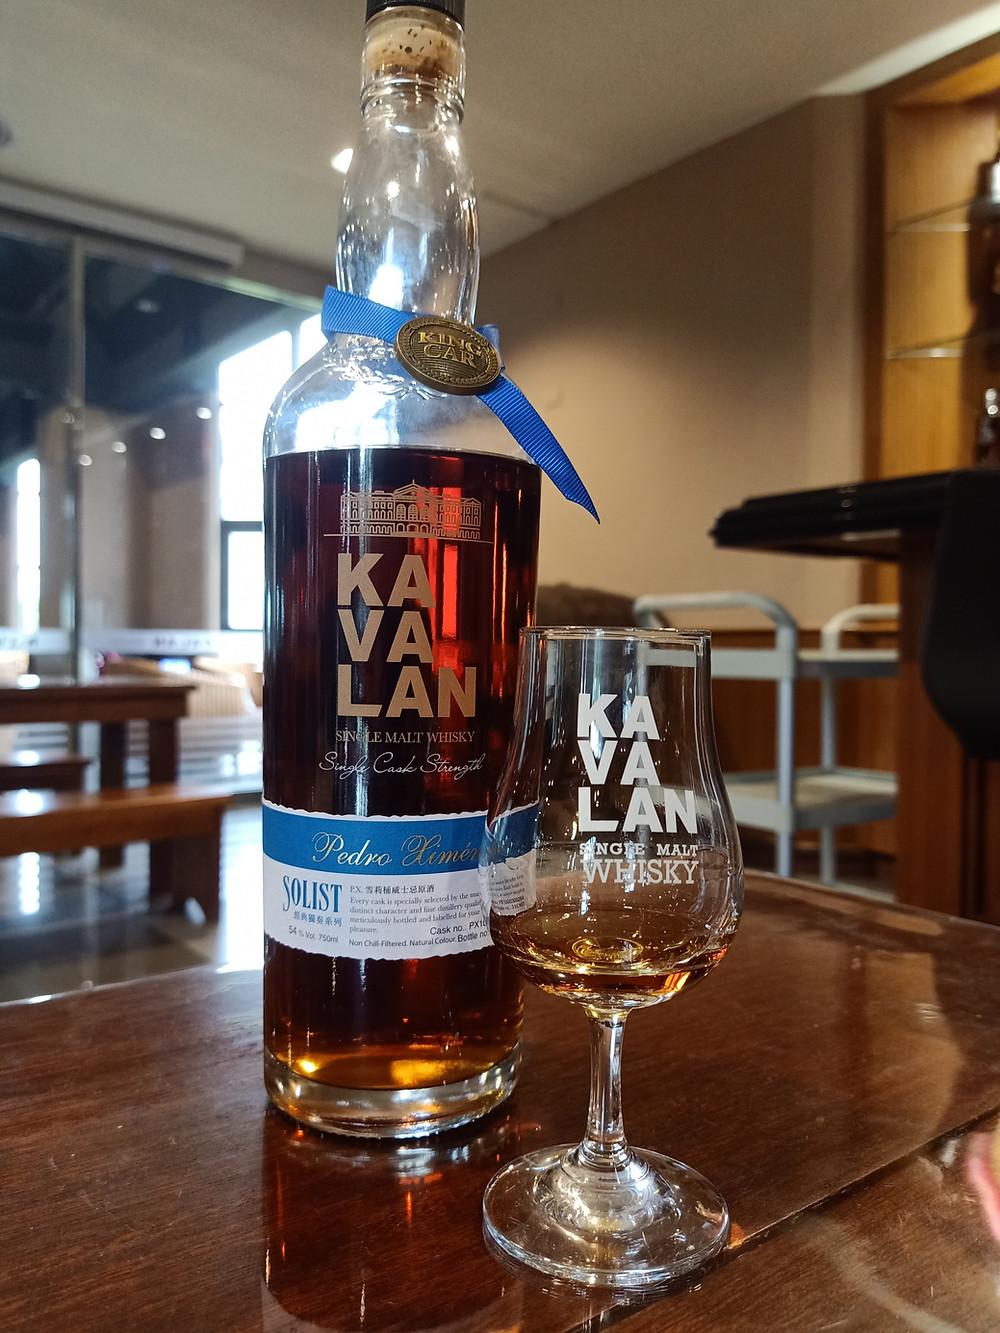 Kavalan Pedro Ximenez Sherry Solist Whisky